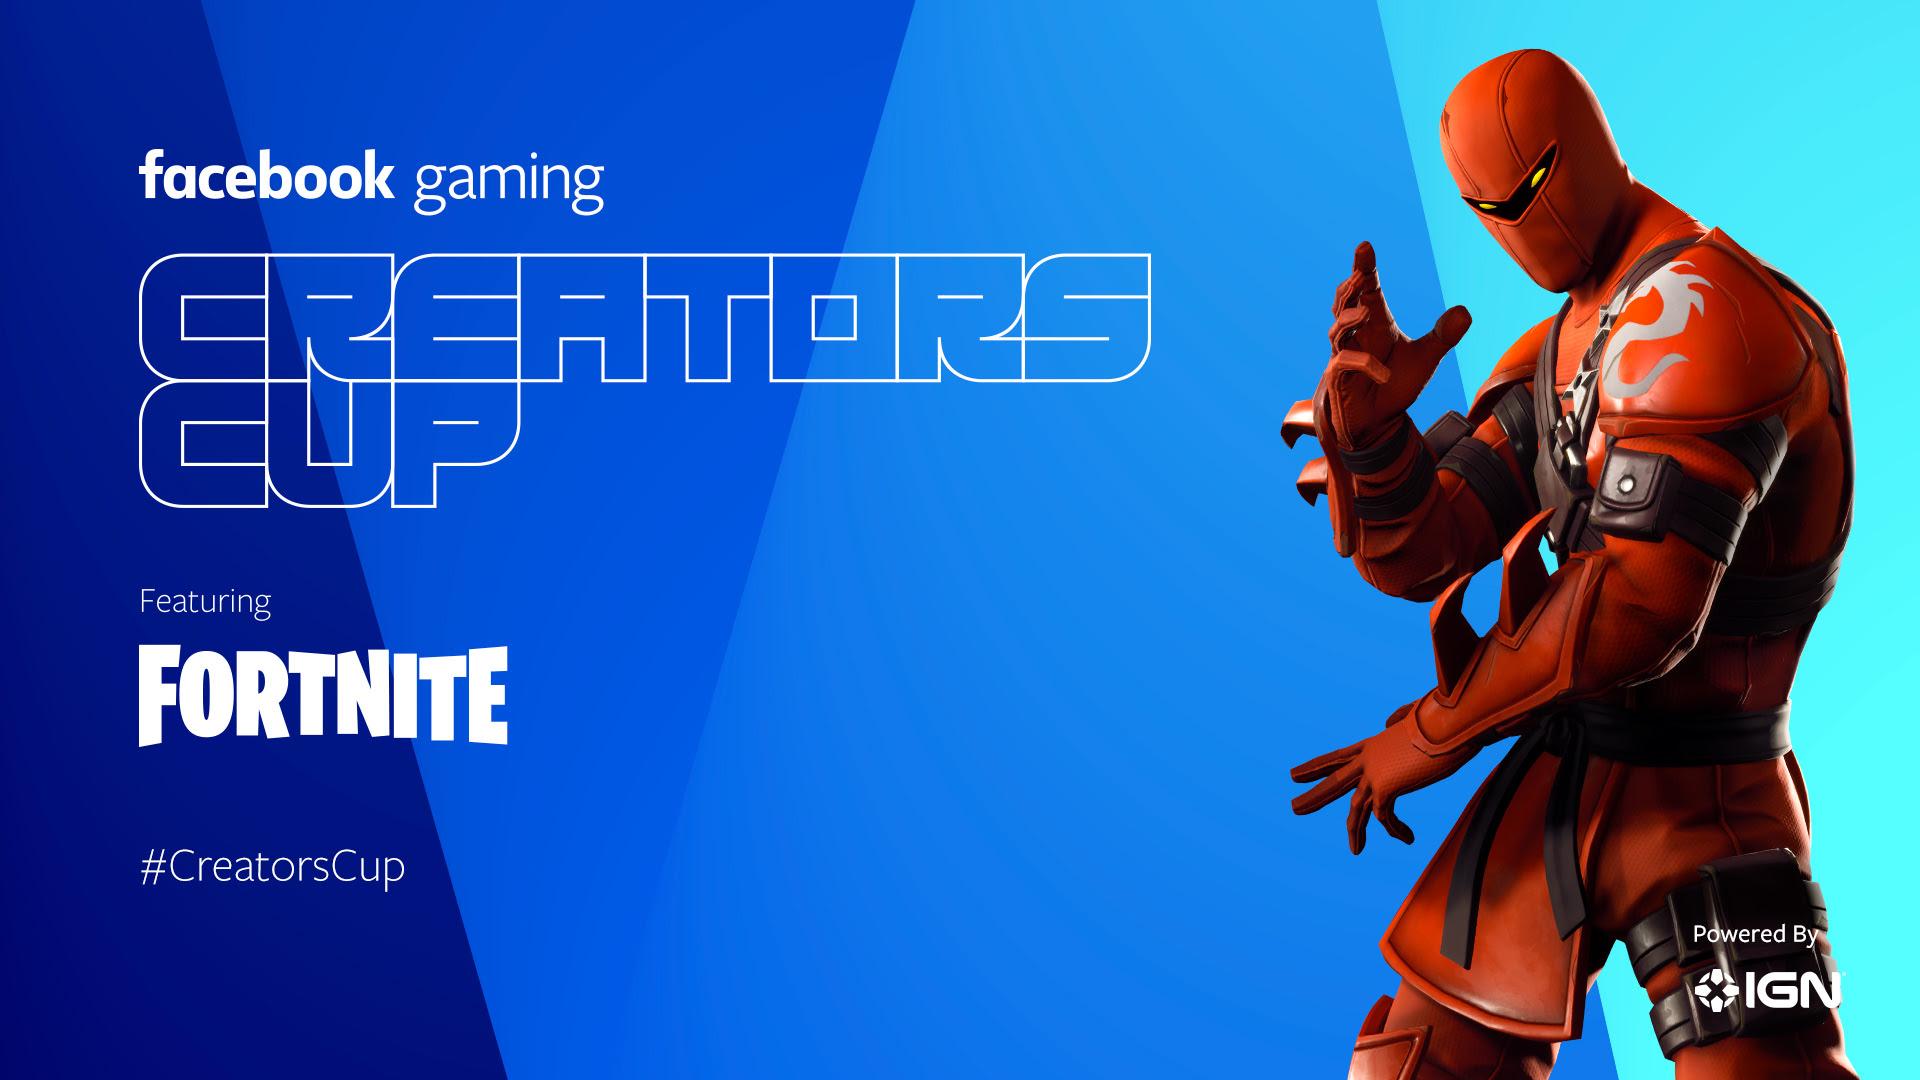 Webedia, Facebook e Fortnite promovem competição de gamers na América Latina